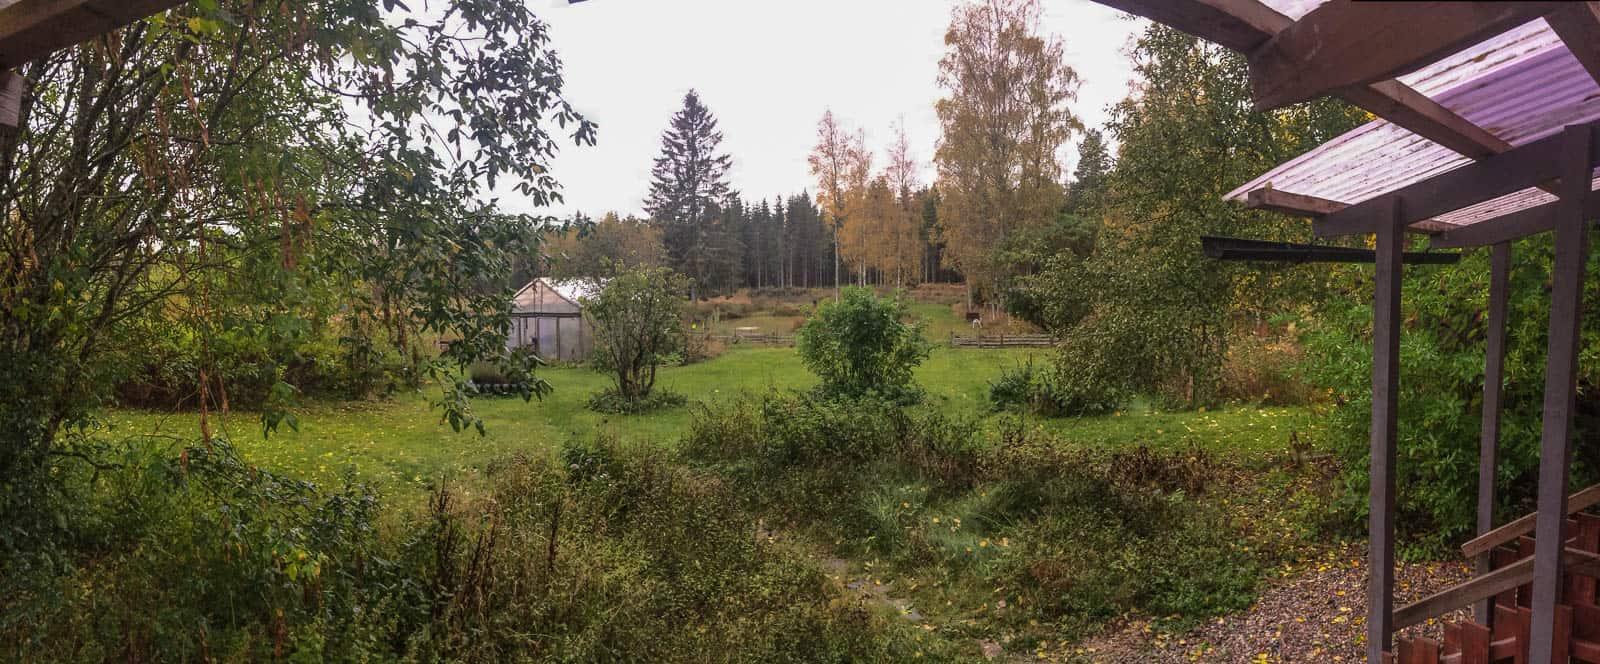 En kort tid kvar innan björklöven lämnat träden för i år.